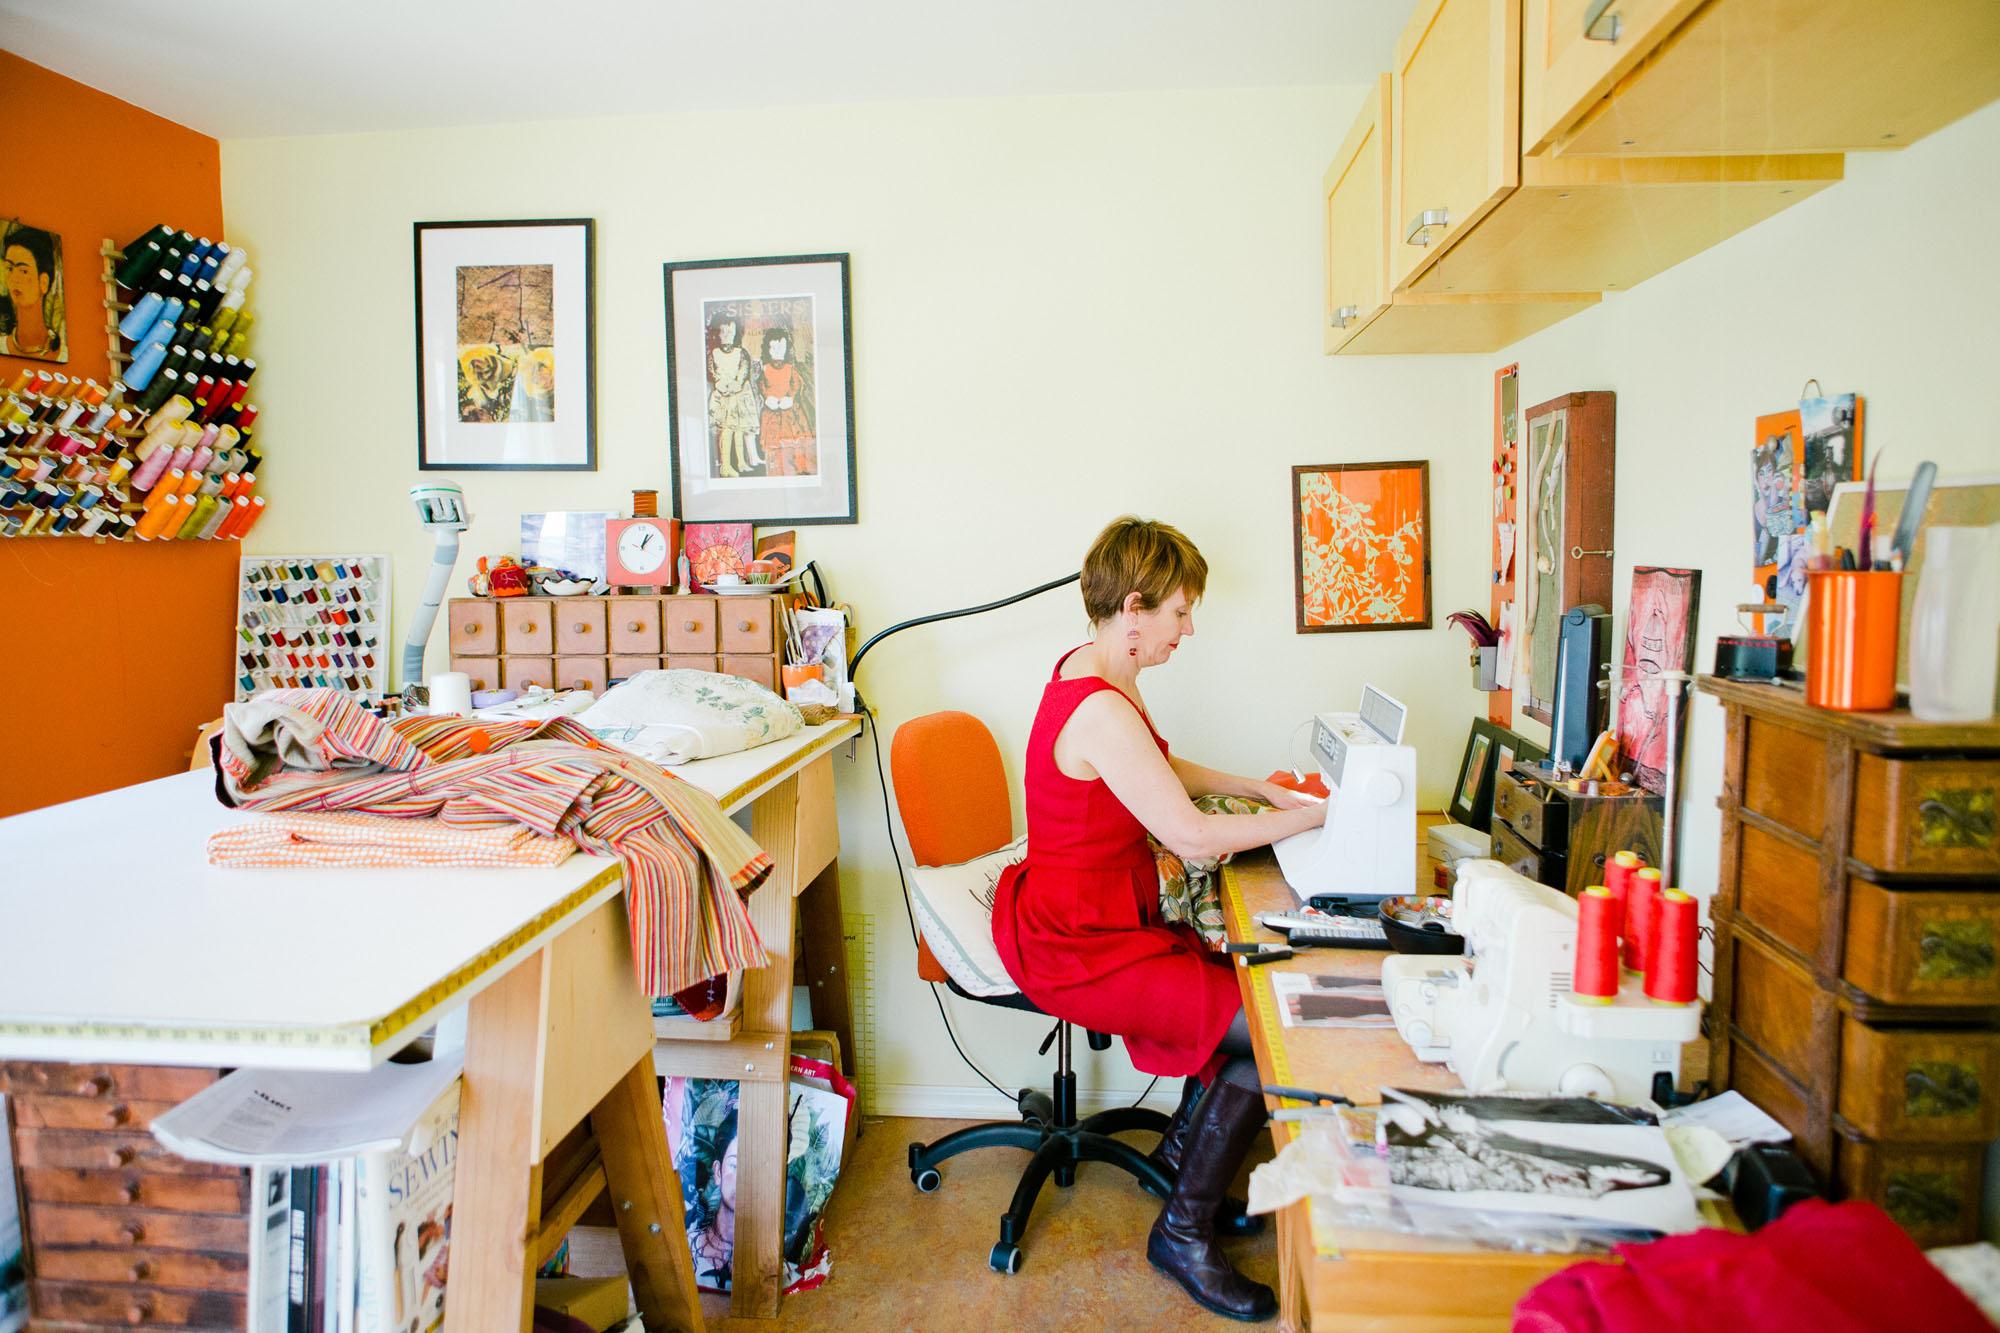 woman_in_artist_studio_sowing_fabric.jpg